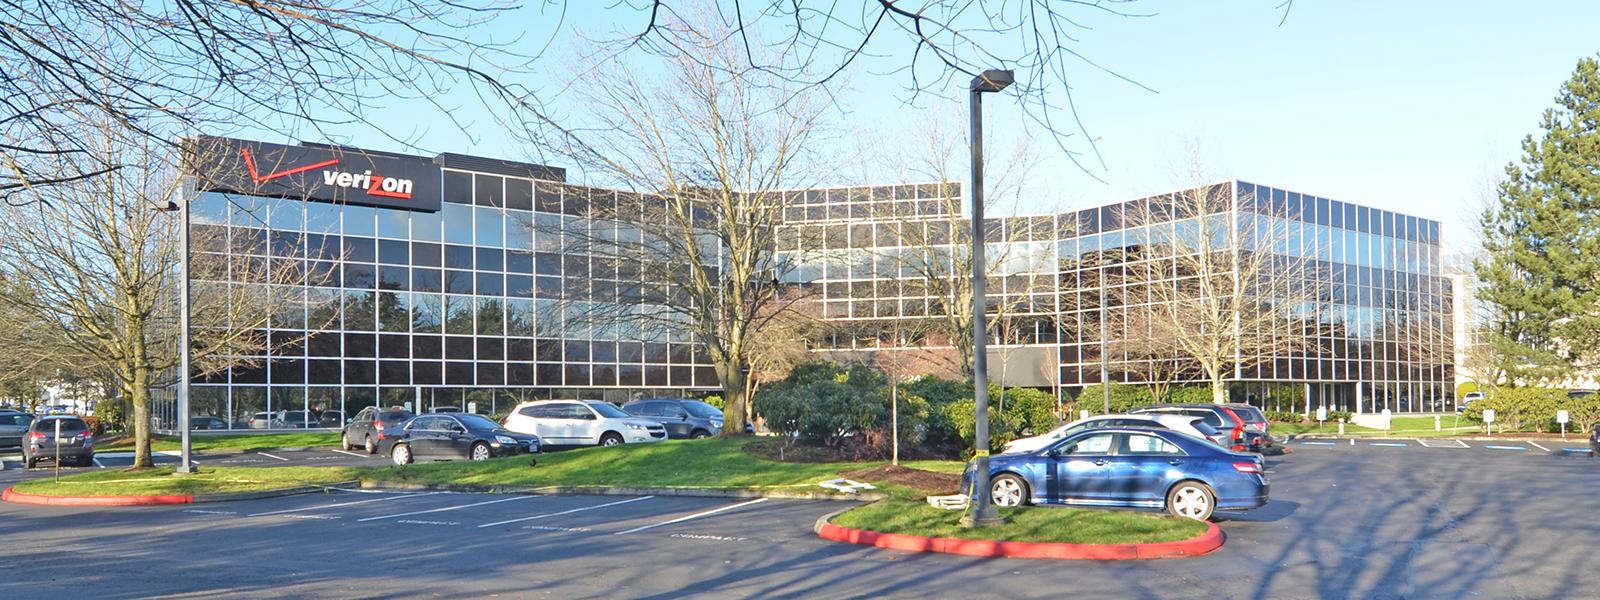 Verizon Wireless Bellevue Campus - Bellevue, Washington